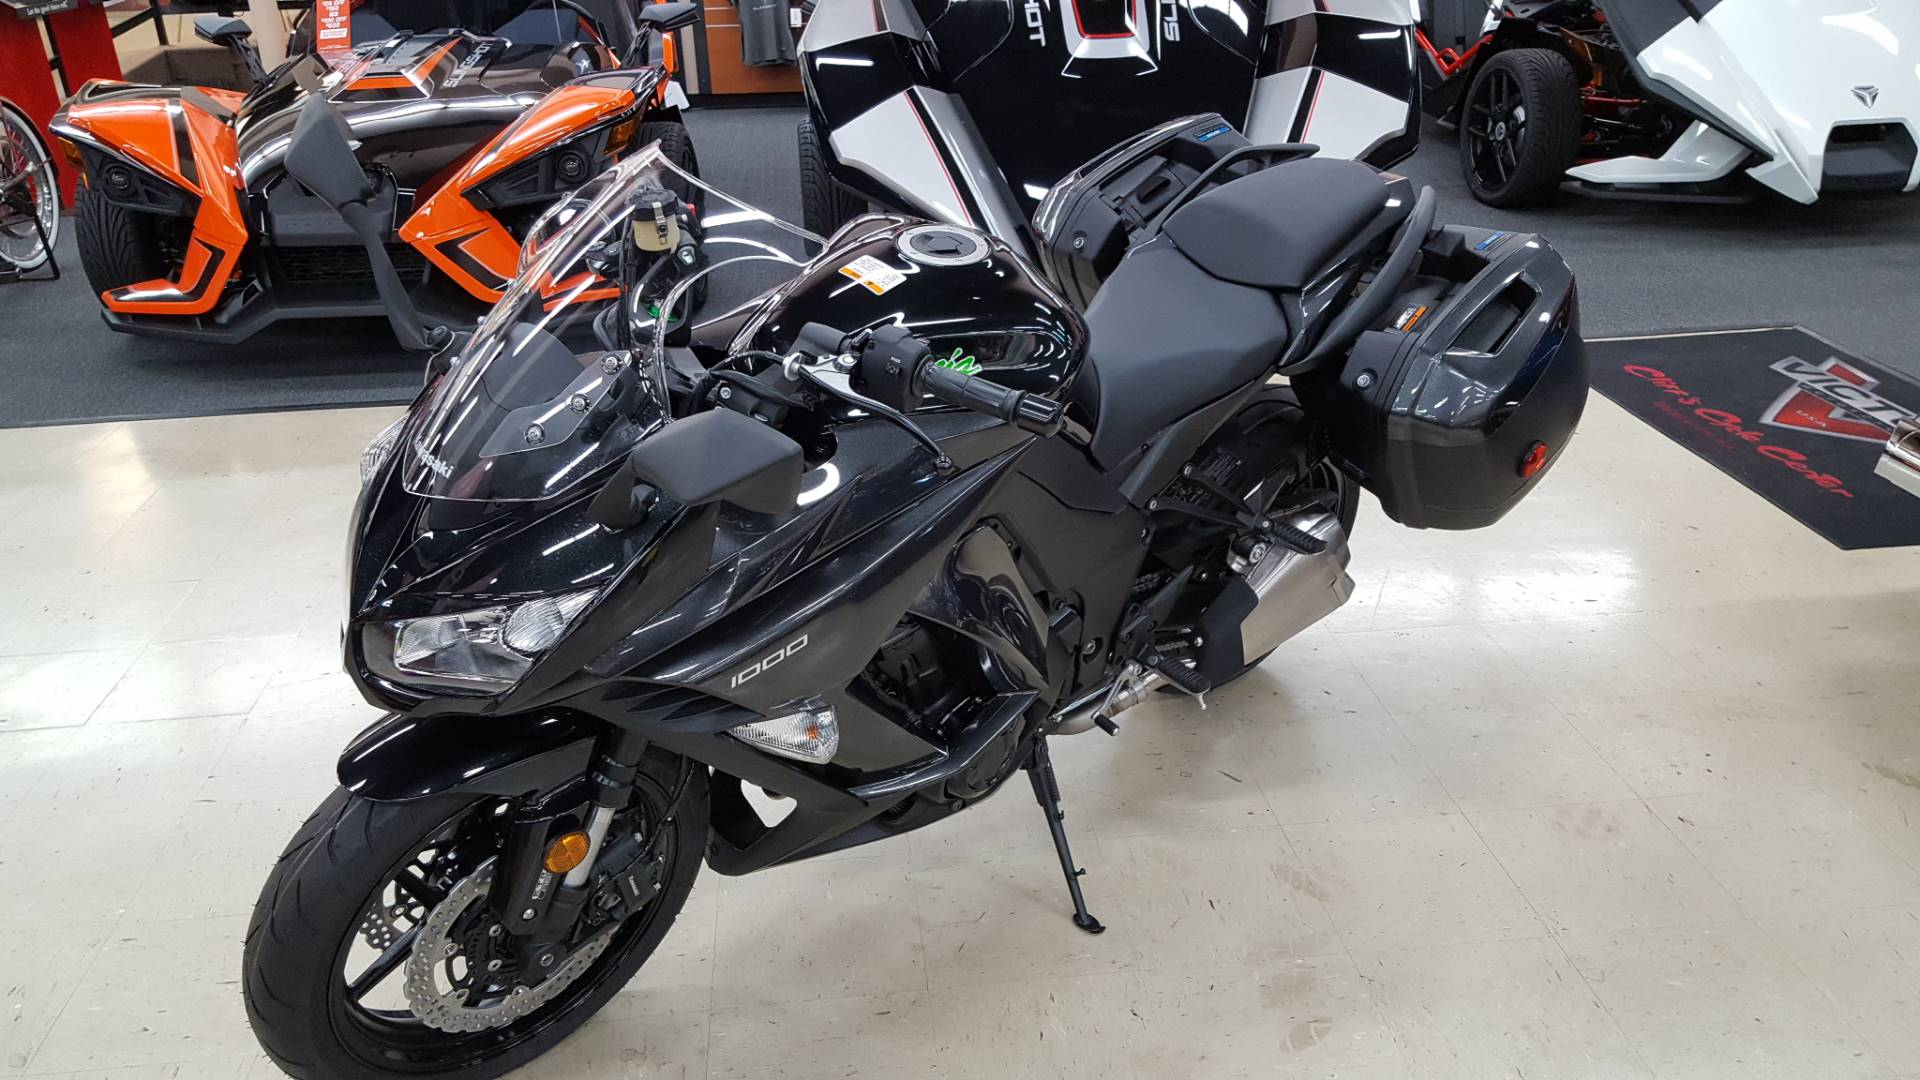 2015 Kawasaki Ninja 1000 ABS for sale 16075